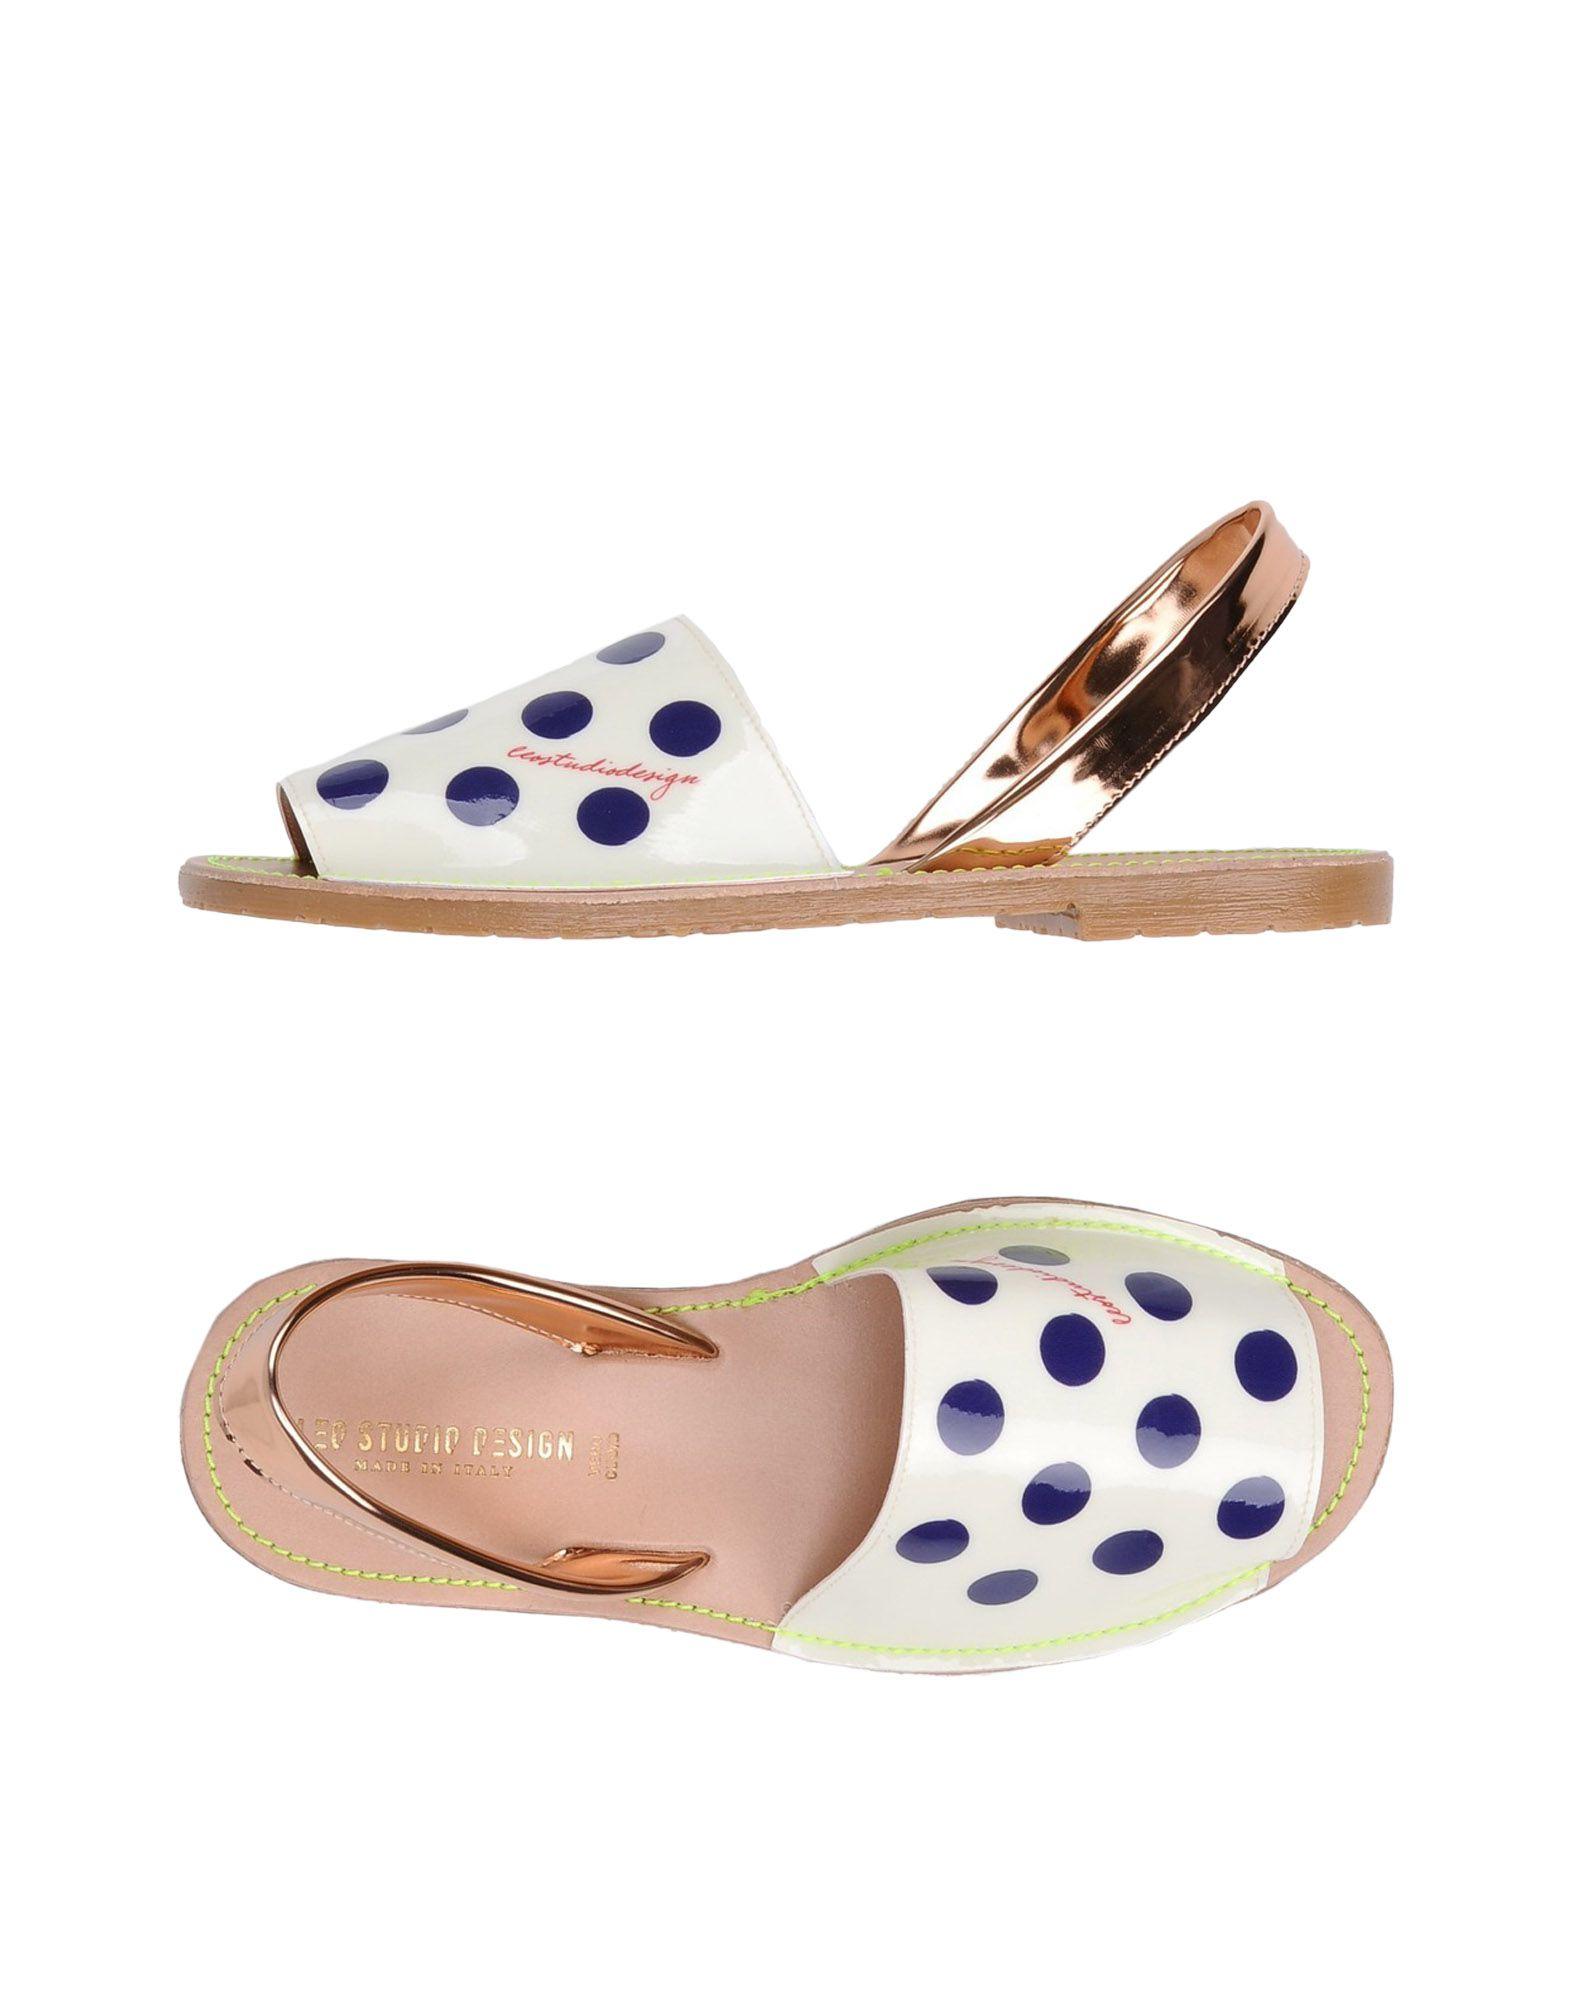 Leo Studio Design Sandalen Damen  11253415LK Gute Qualität beliebte Schuhe